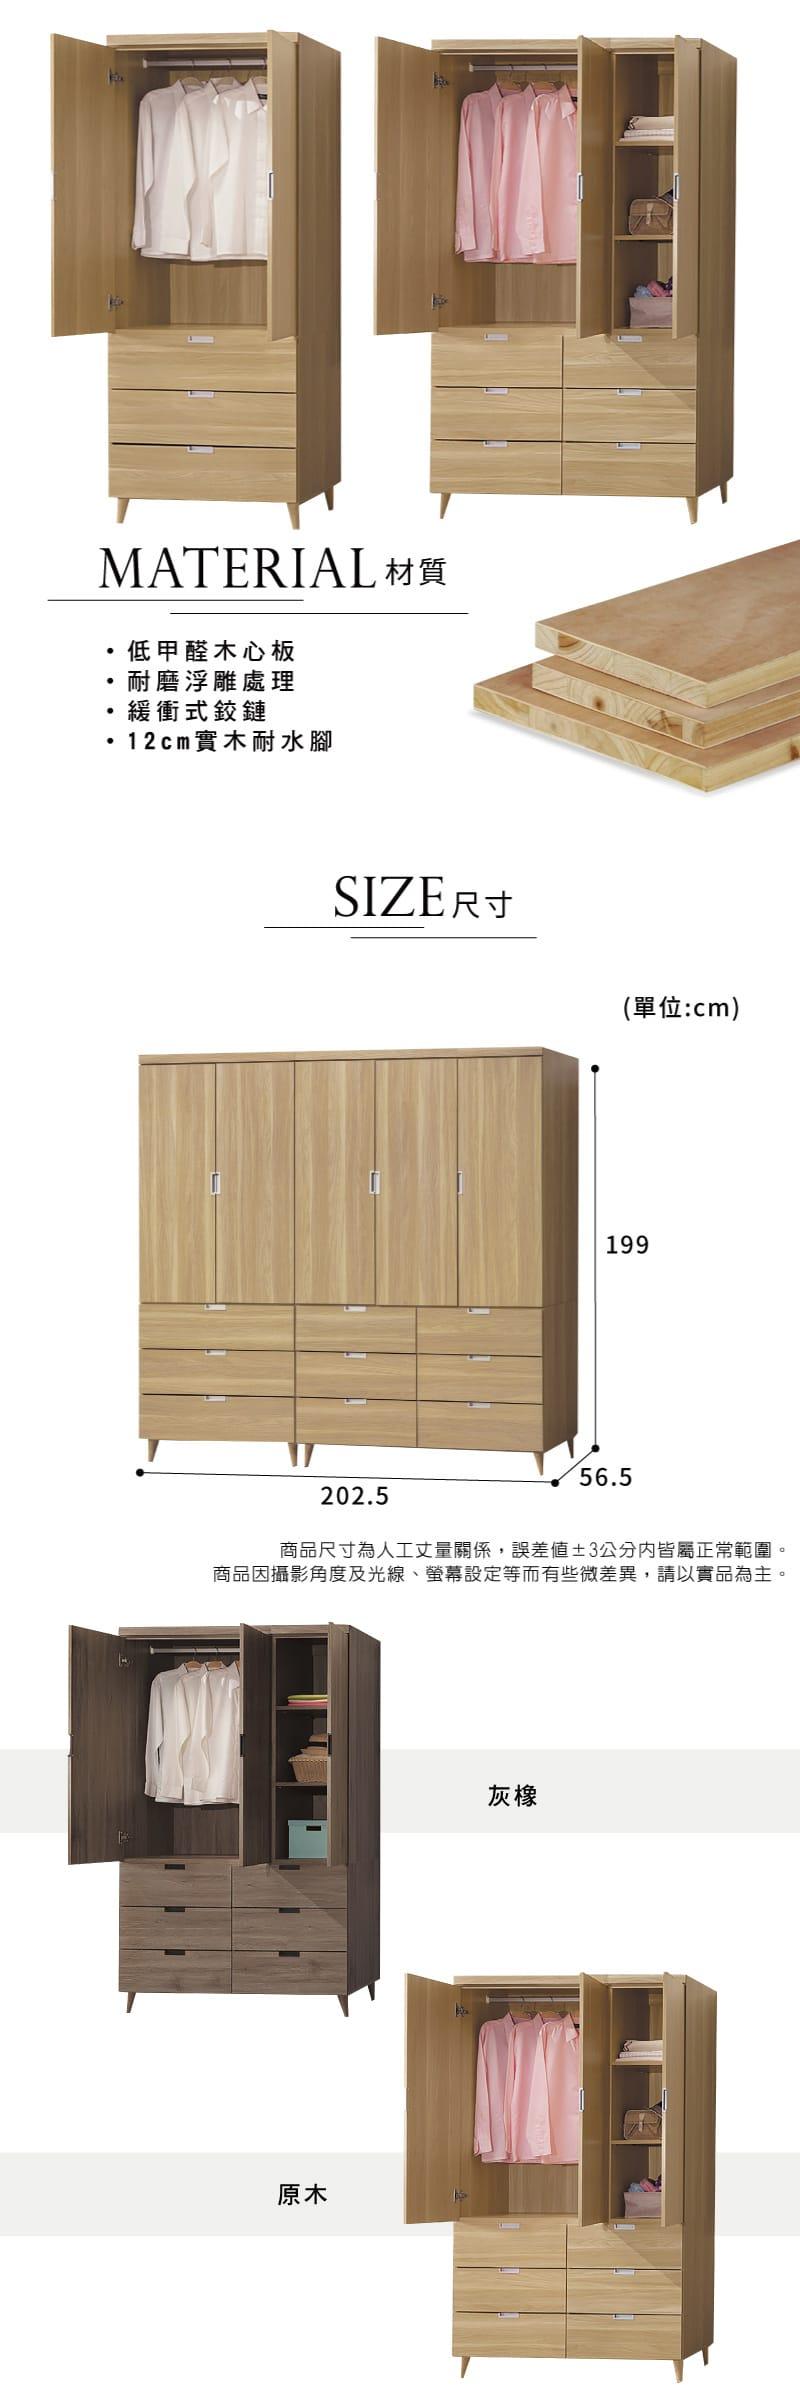 滑門收納置物衣櫃 寬203cm【羅德】